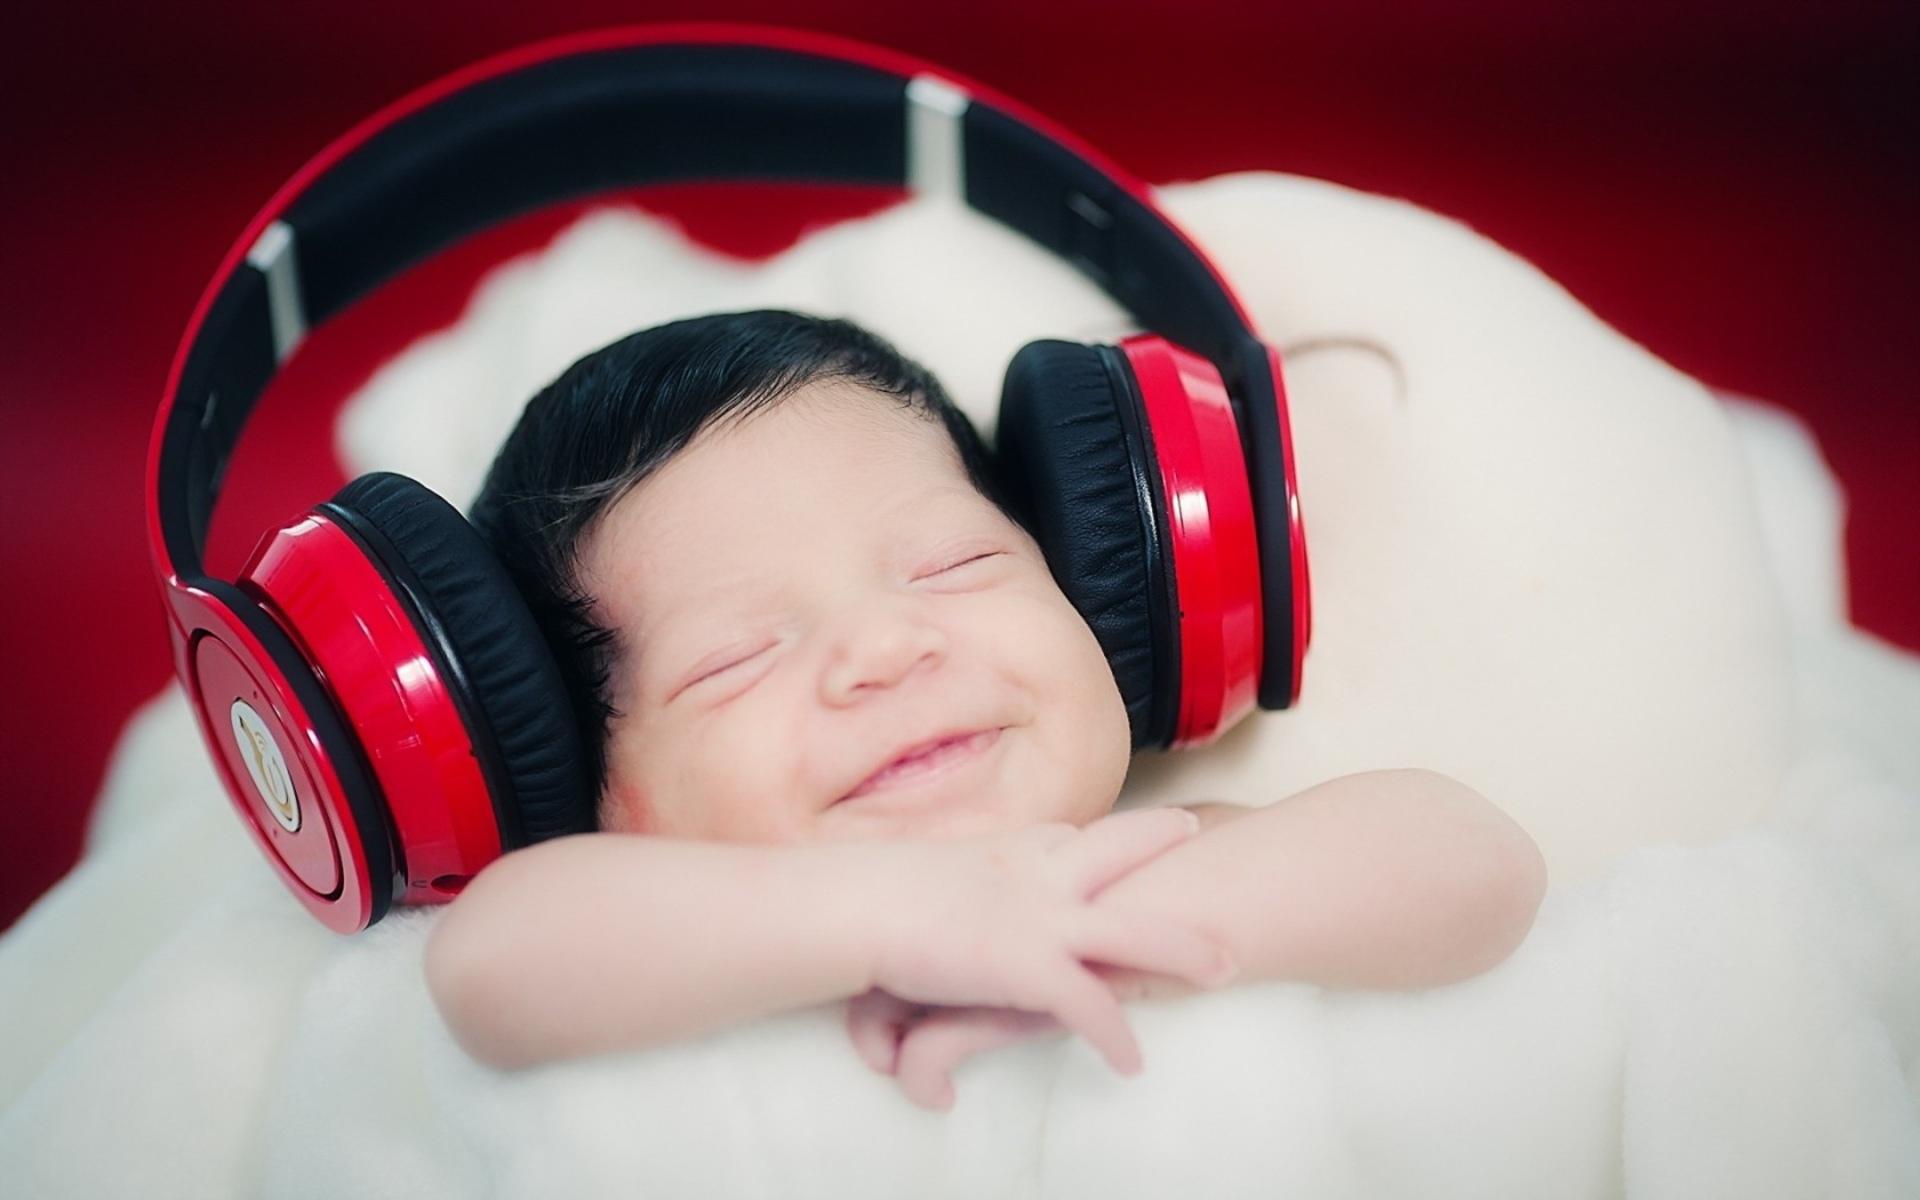 گوش دادن به موزیک برای کاهش استرس